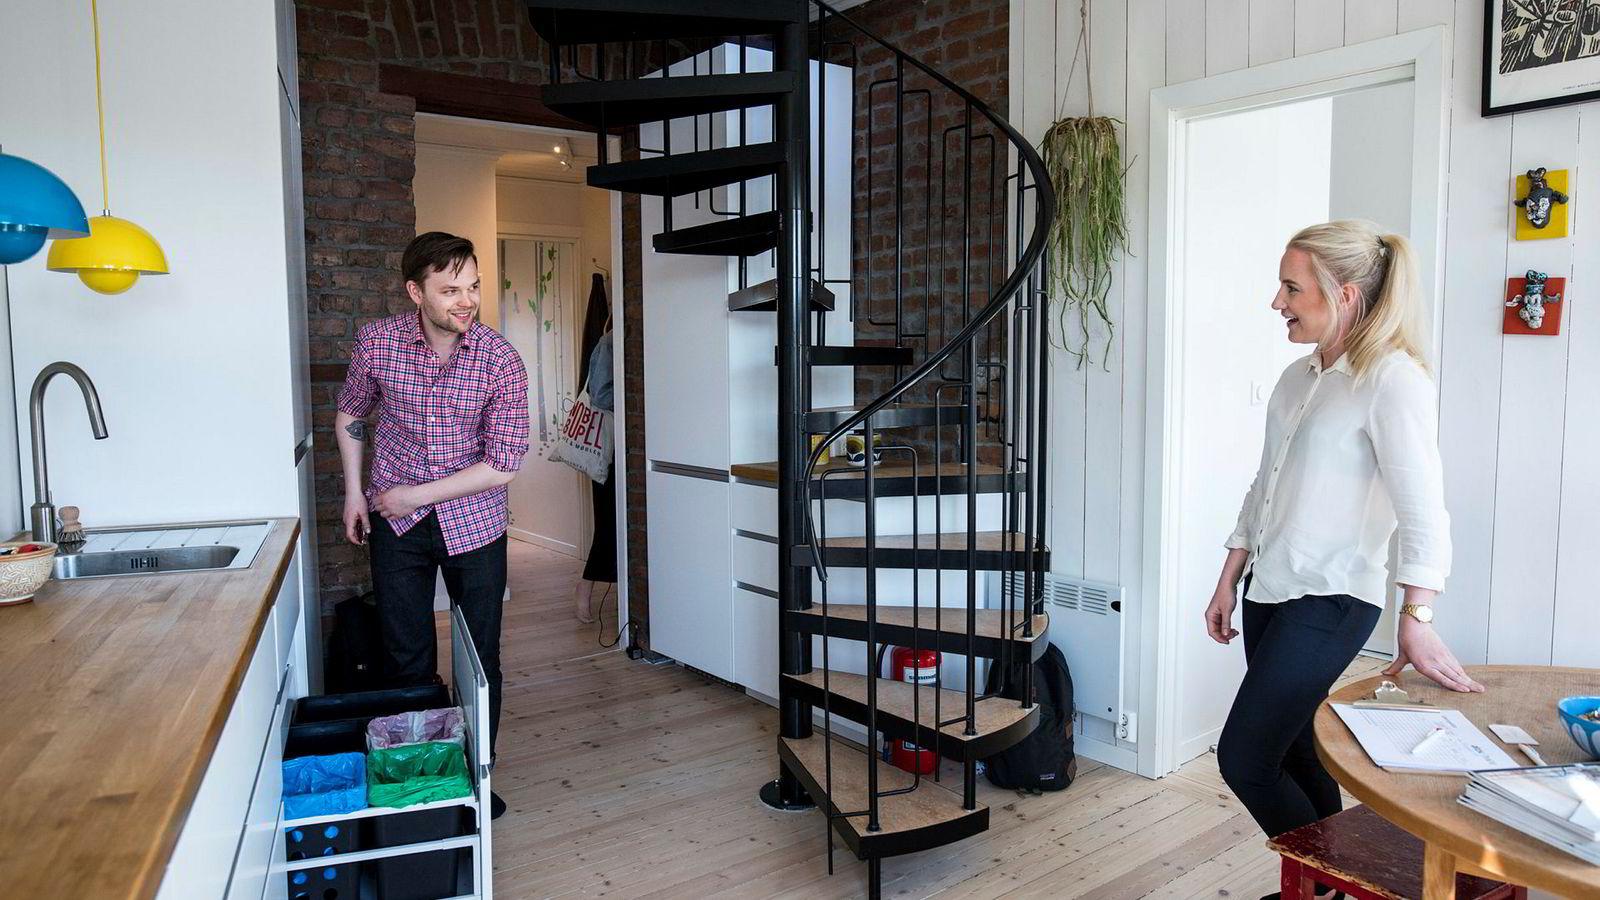 Visningen som eiendomsmegler Thea Egeland fra Aktiv Sagene holdt i denne leiligheten på Sagene i Oslo for noen uker siden var bare én av mange visninger som Stian Hole Sæbø var innom denne våren.